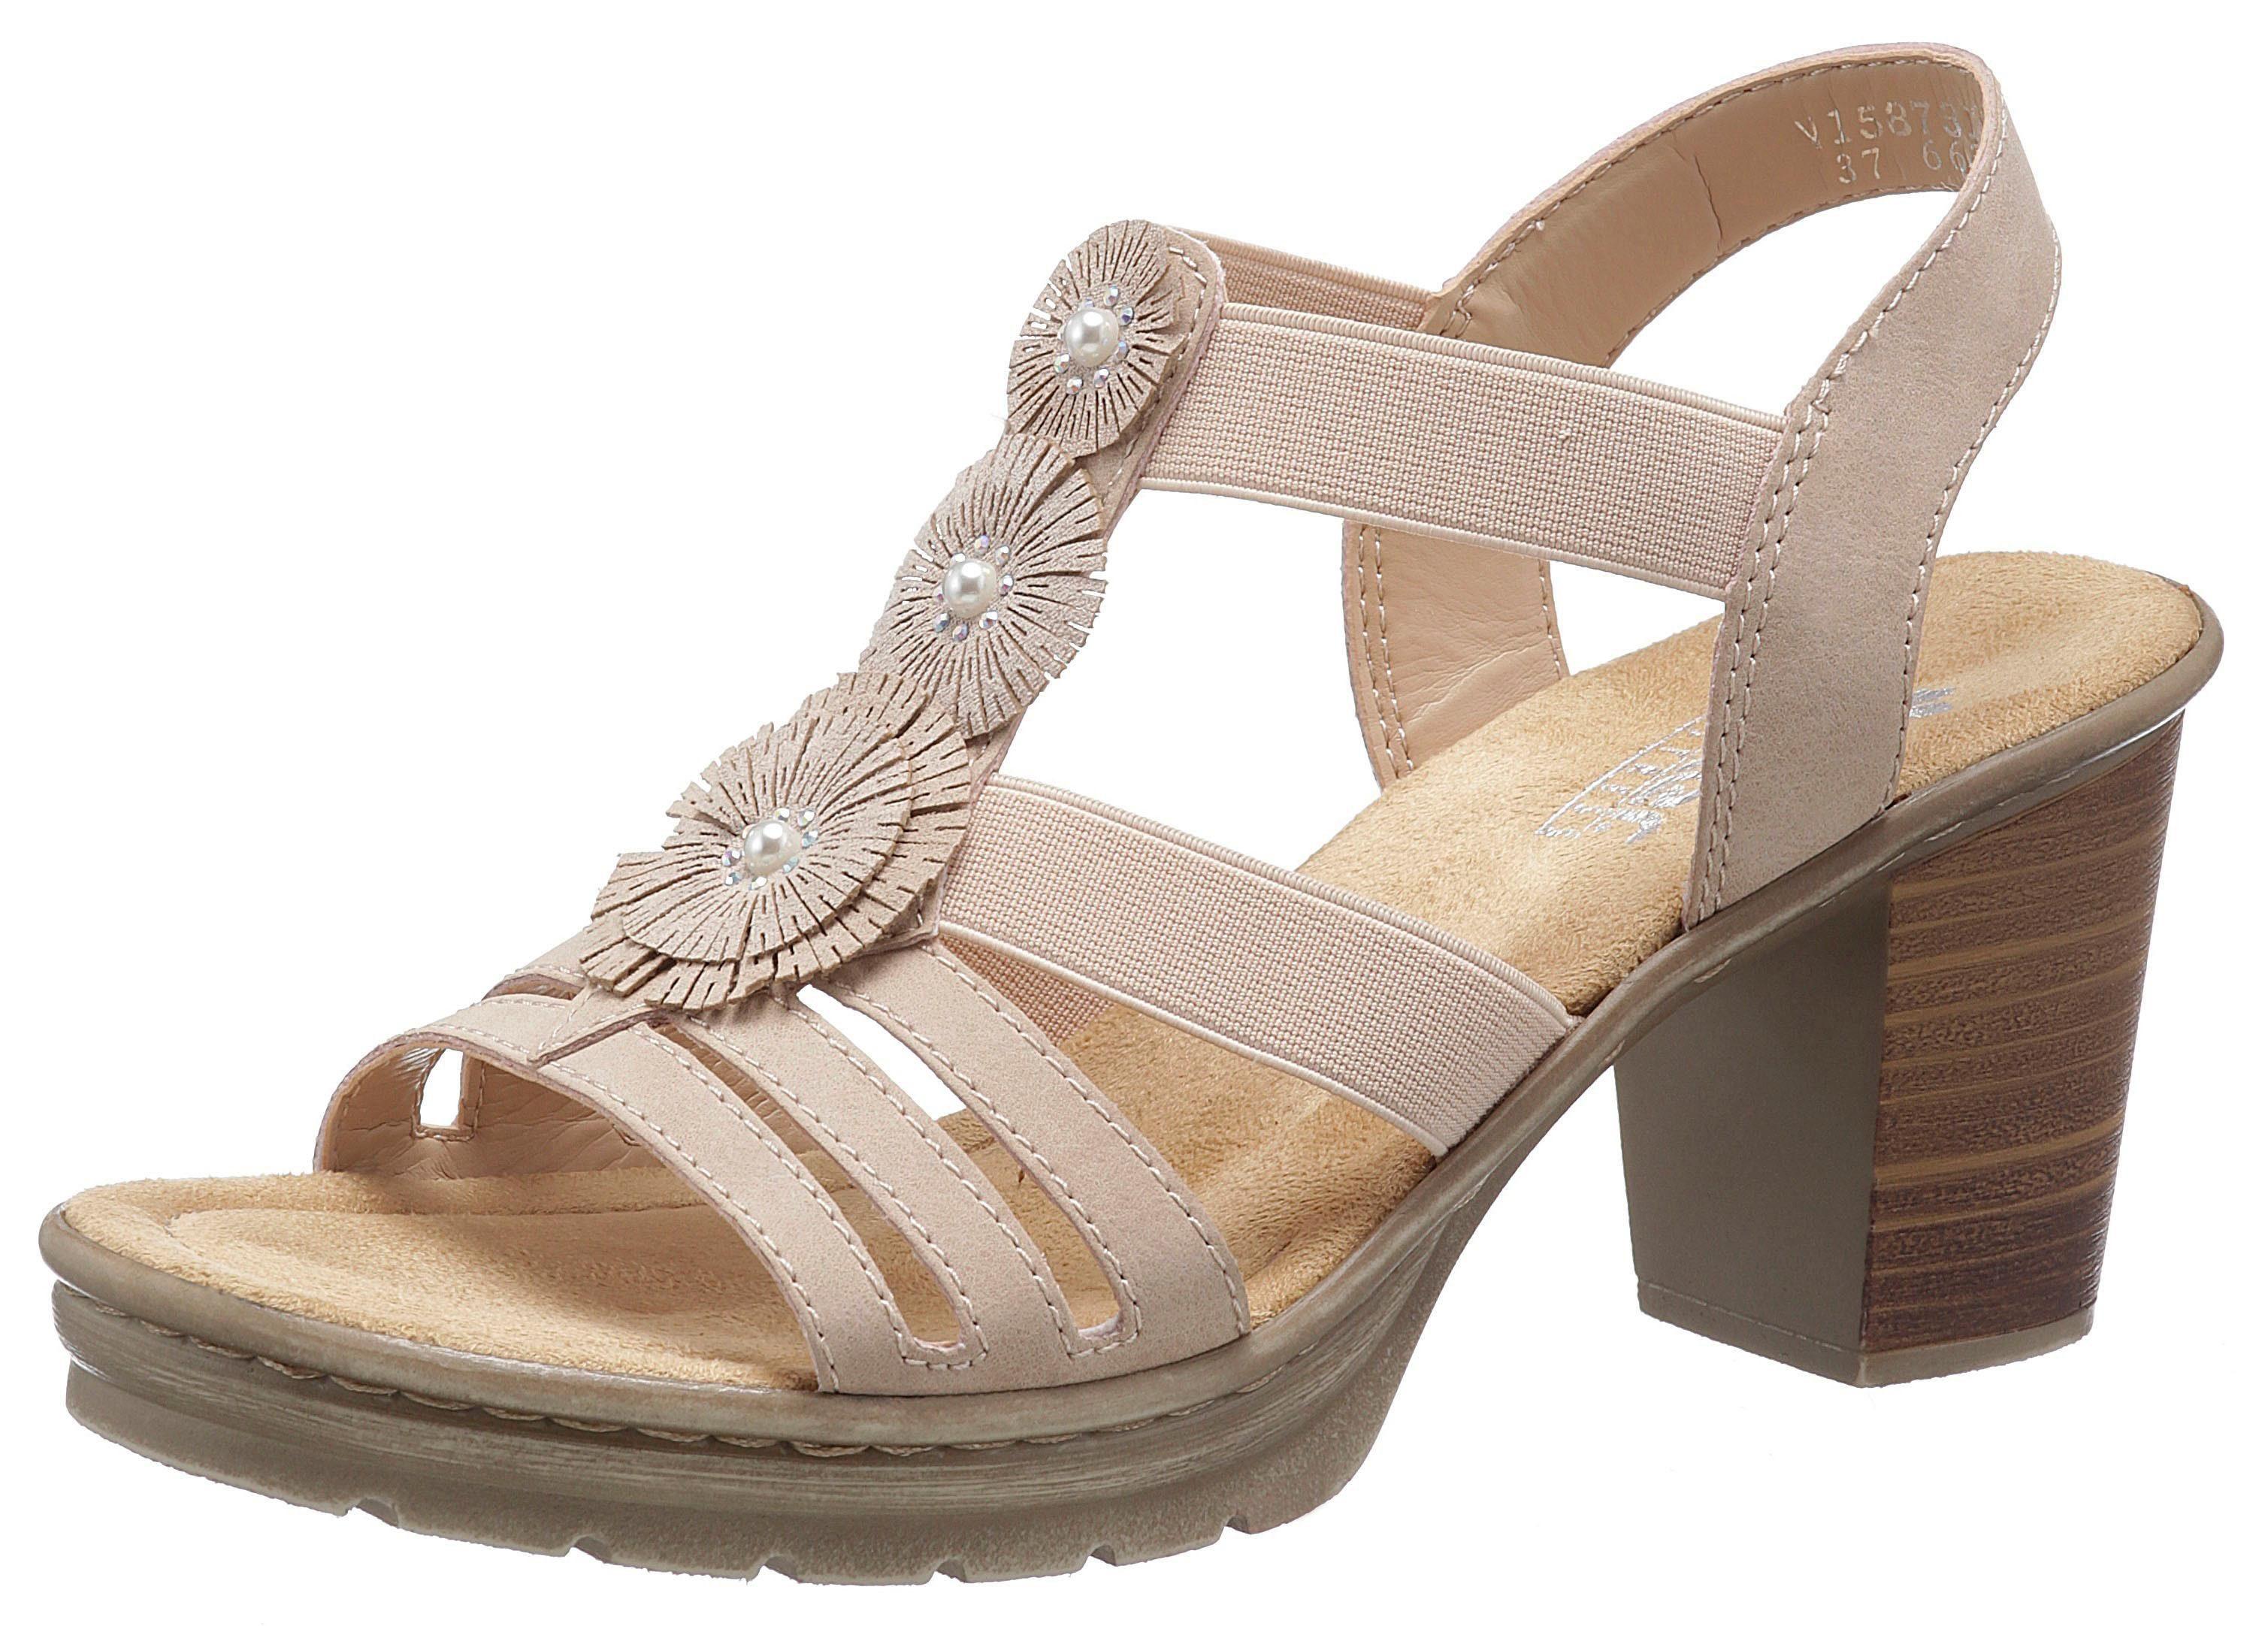 Rieker Sandalette mit Schmuck Applikation kaufen | OTTO